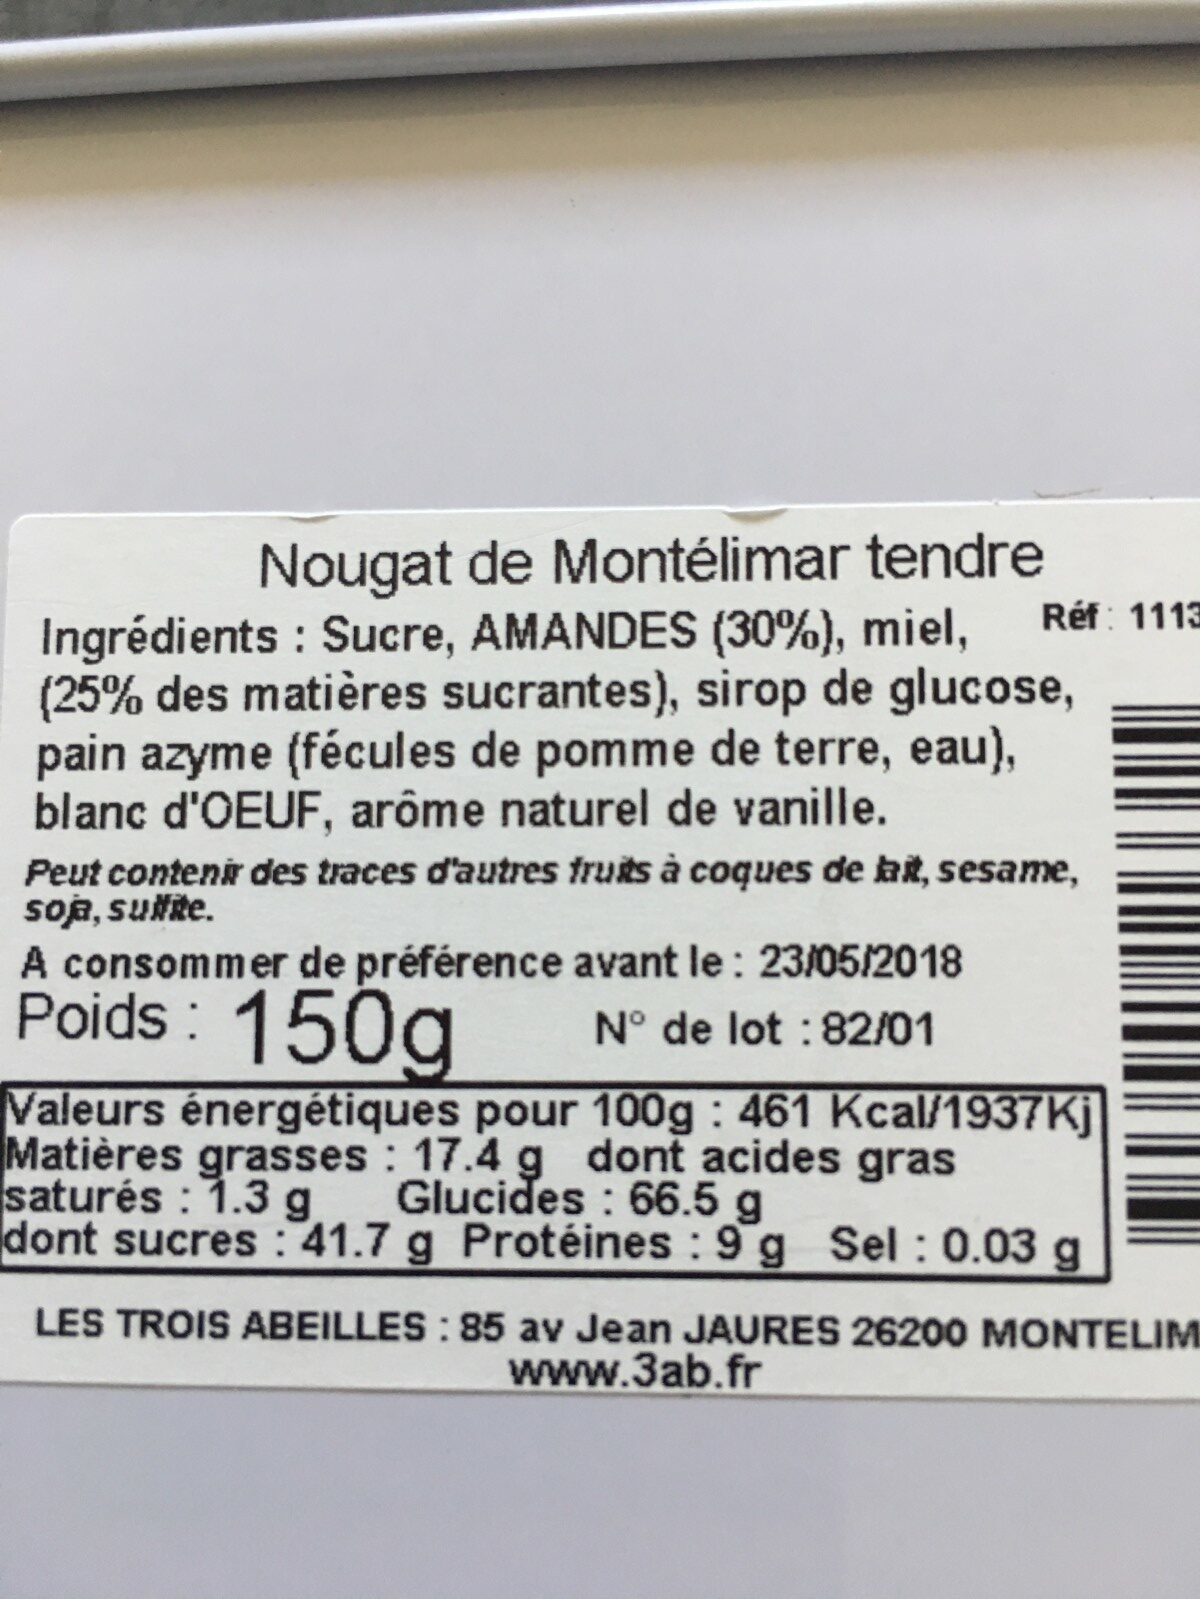 Nougat de Montélimar - Ingrédients